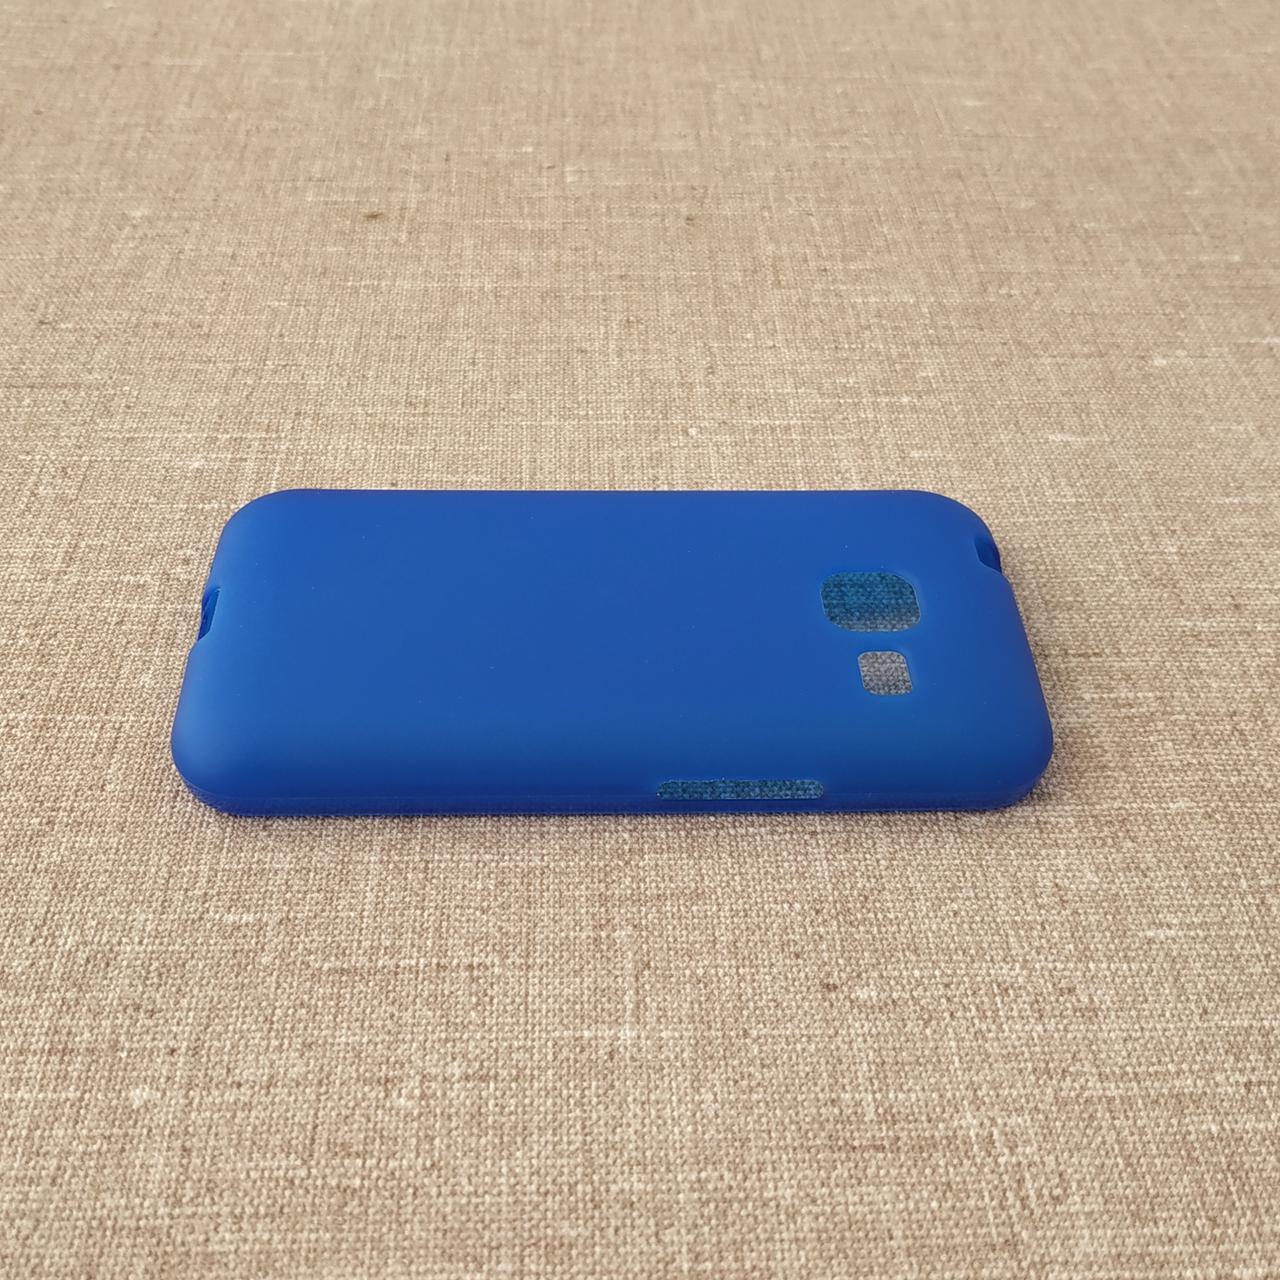 TPU Samsung Galaxy J105 blue Для телефона J1 mini (2016)